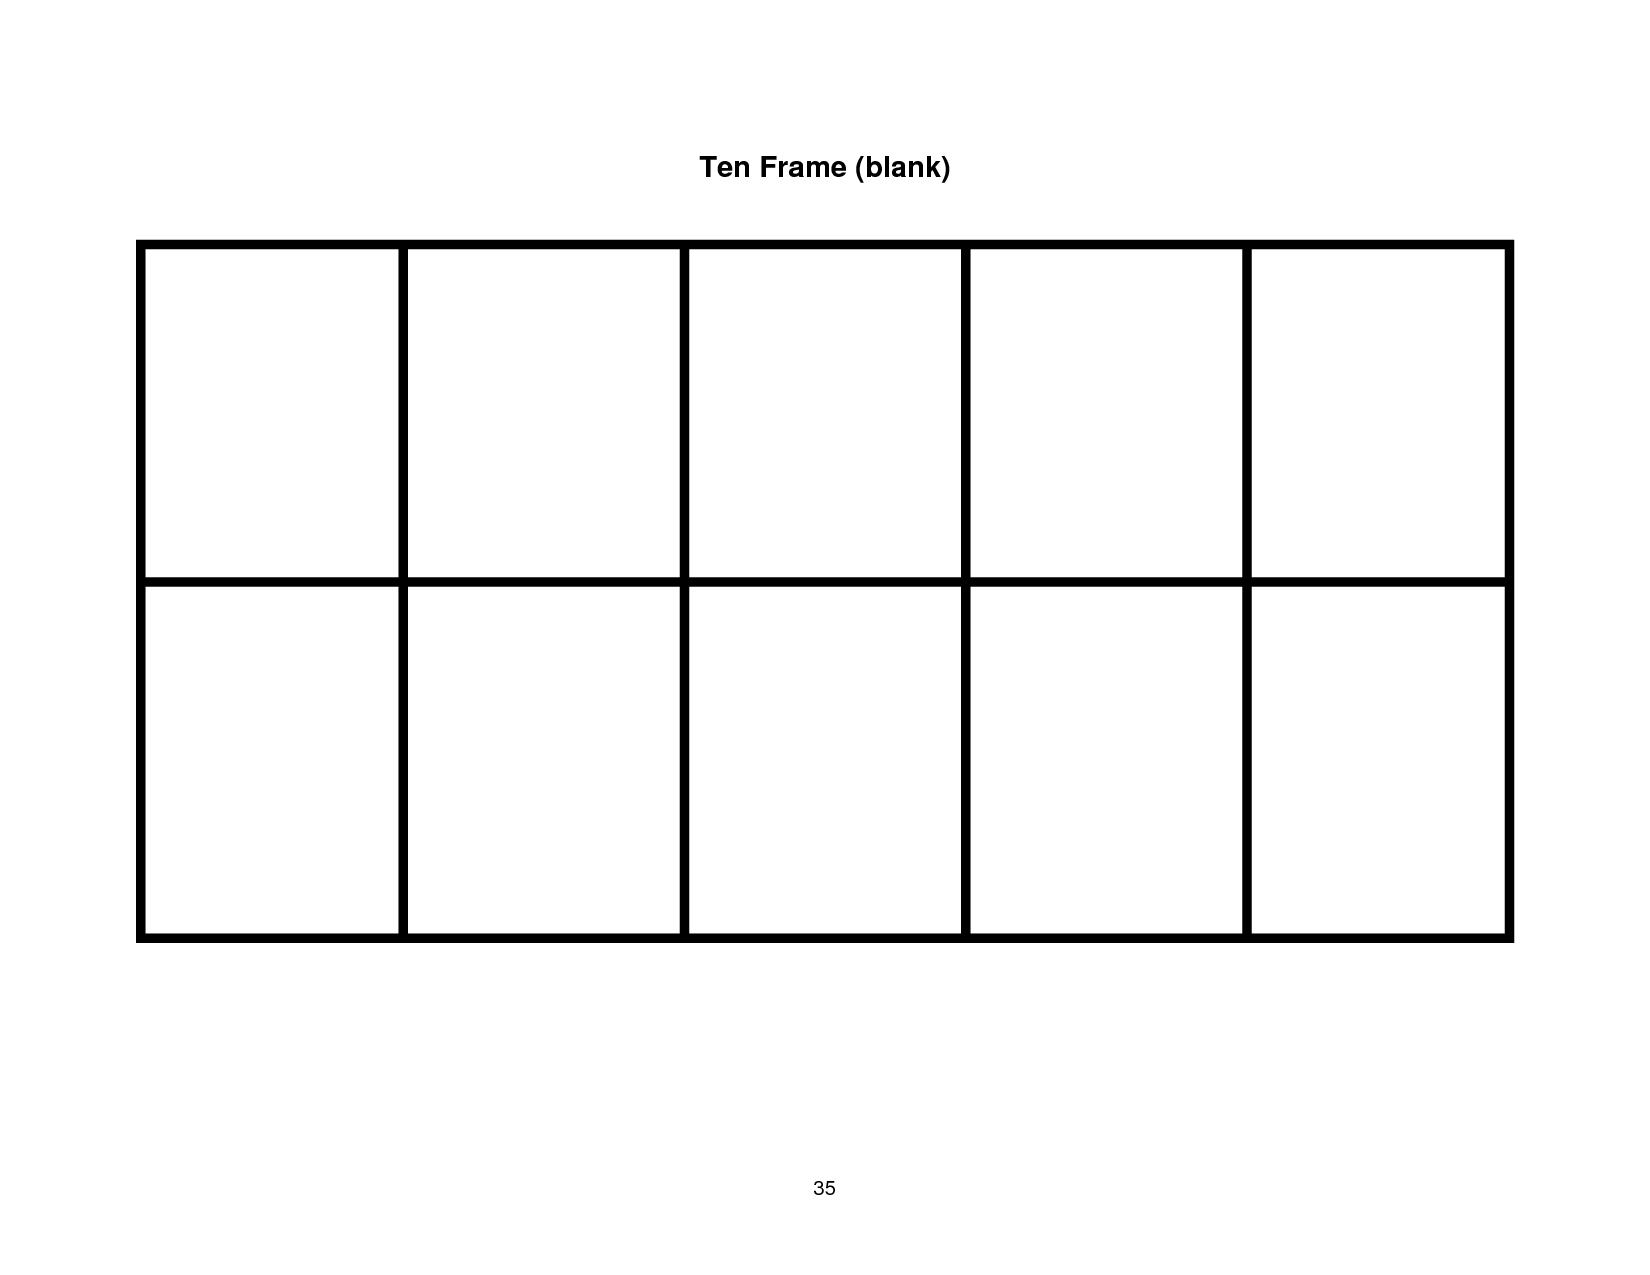 Blank Ten Frame Clipart